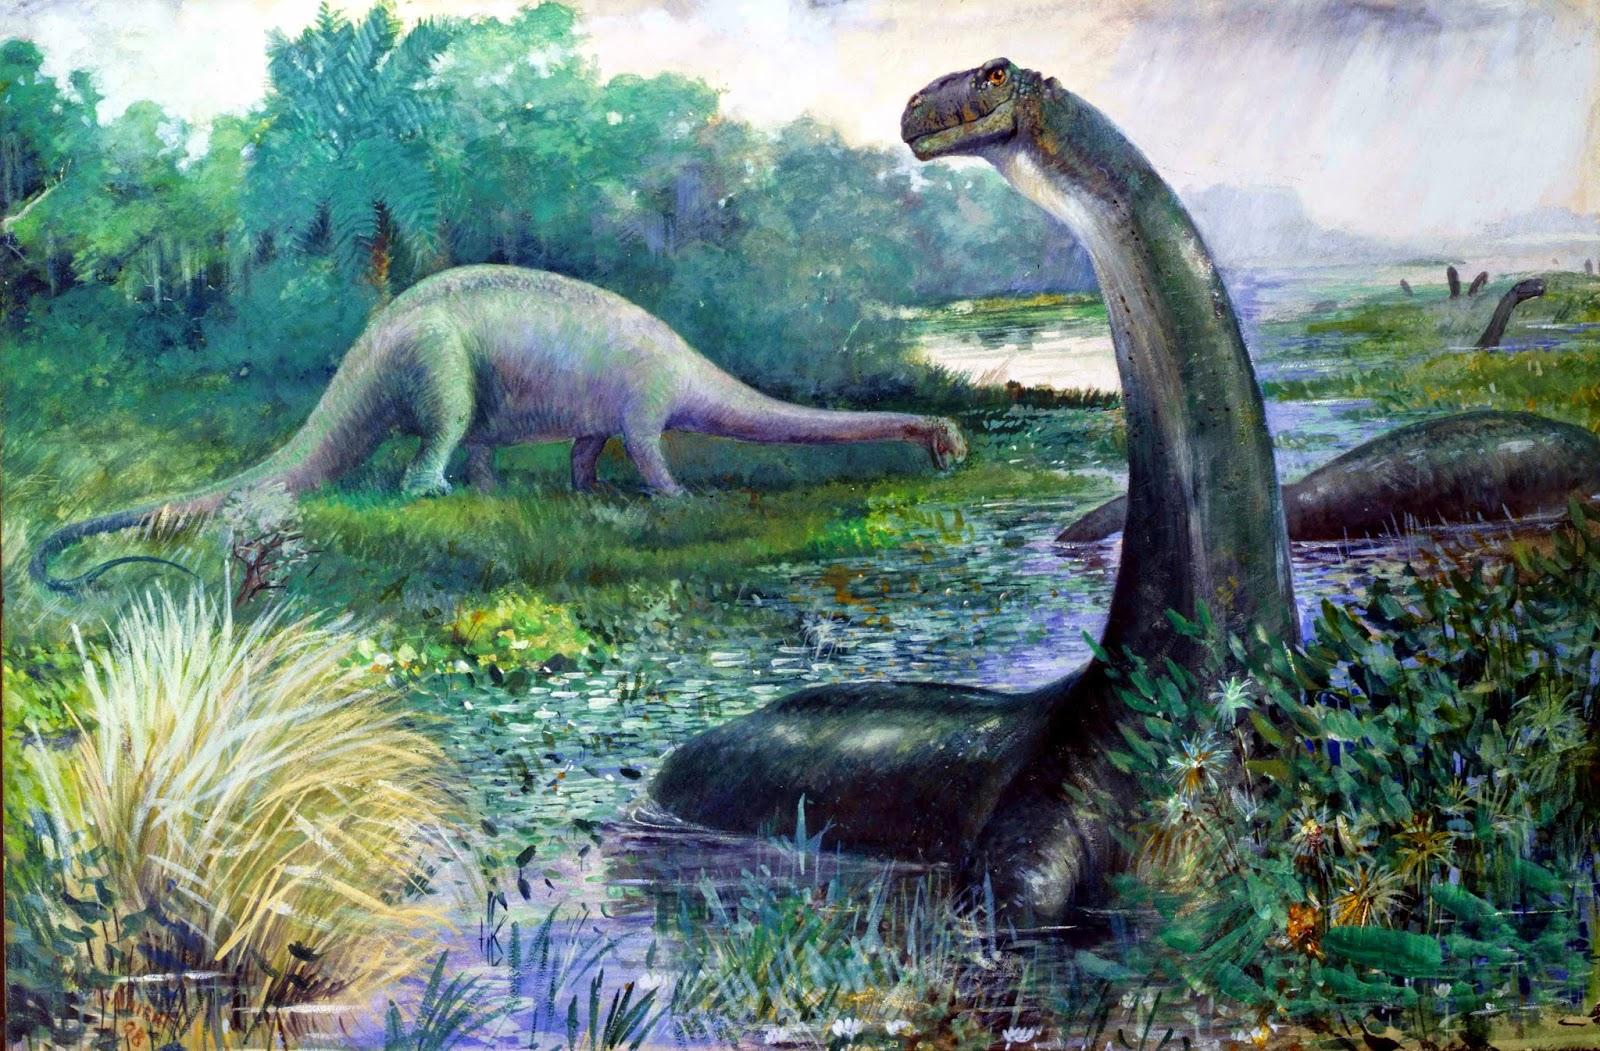 Il Brontosaurus è esistito realmente o è una specie del genere Apatosaurus